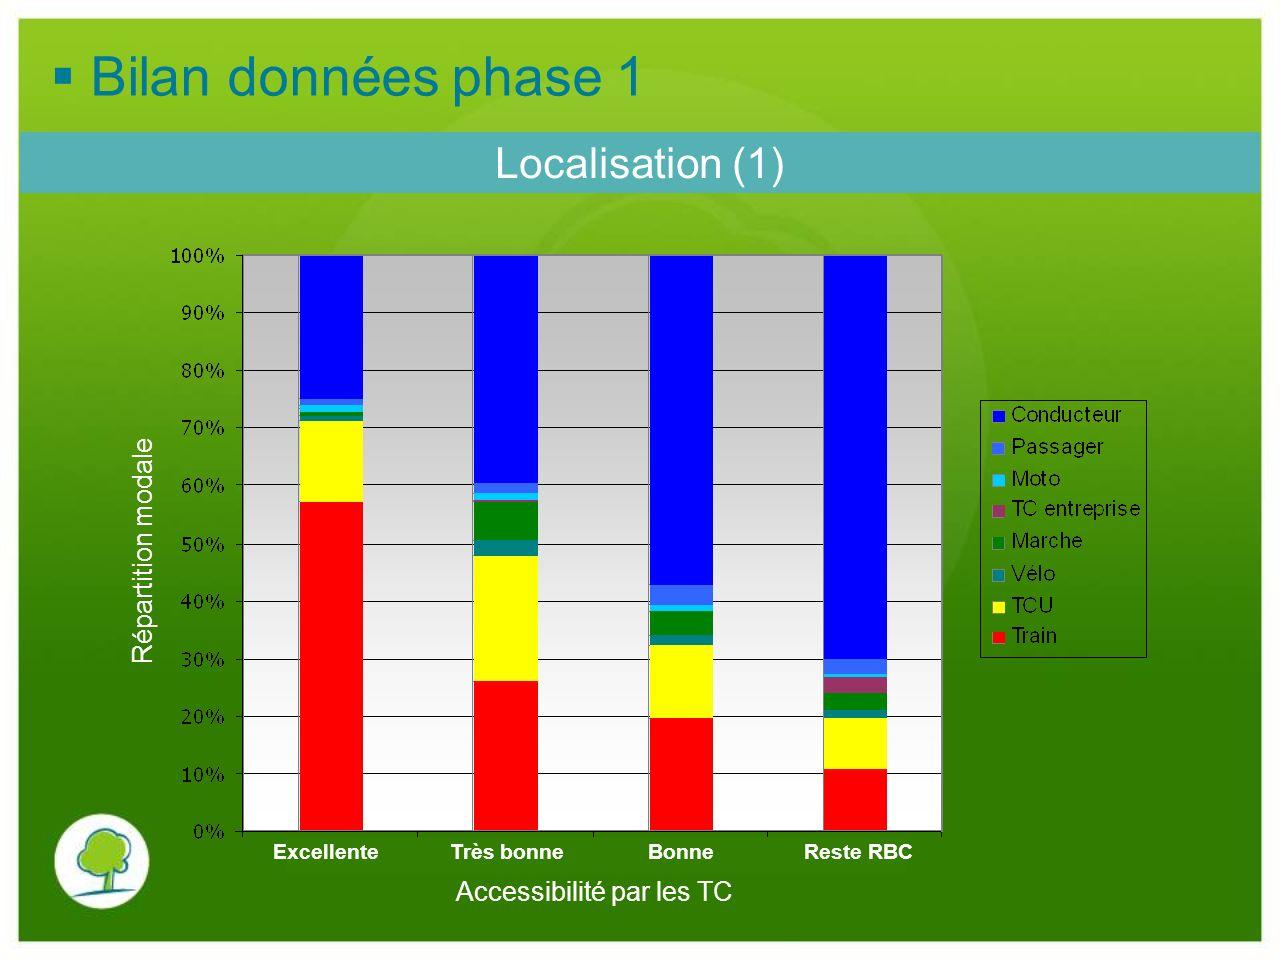 Localisation (1) Accessibilité par les TC Répartition modale Excellente Très bonne Bonne Reste RBC Bilan données phase 1